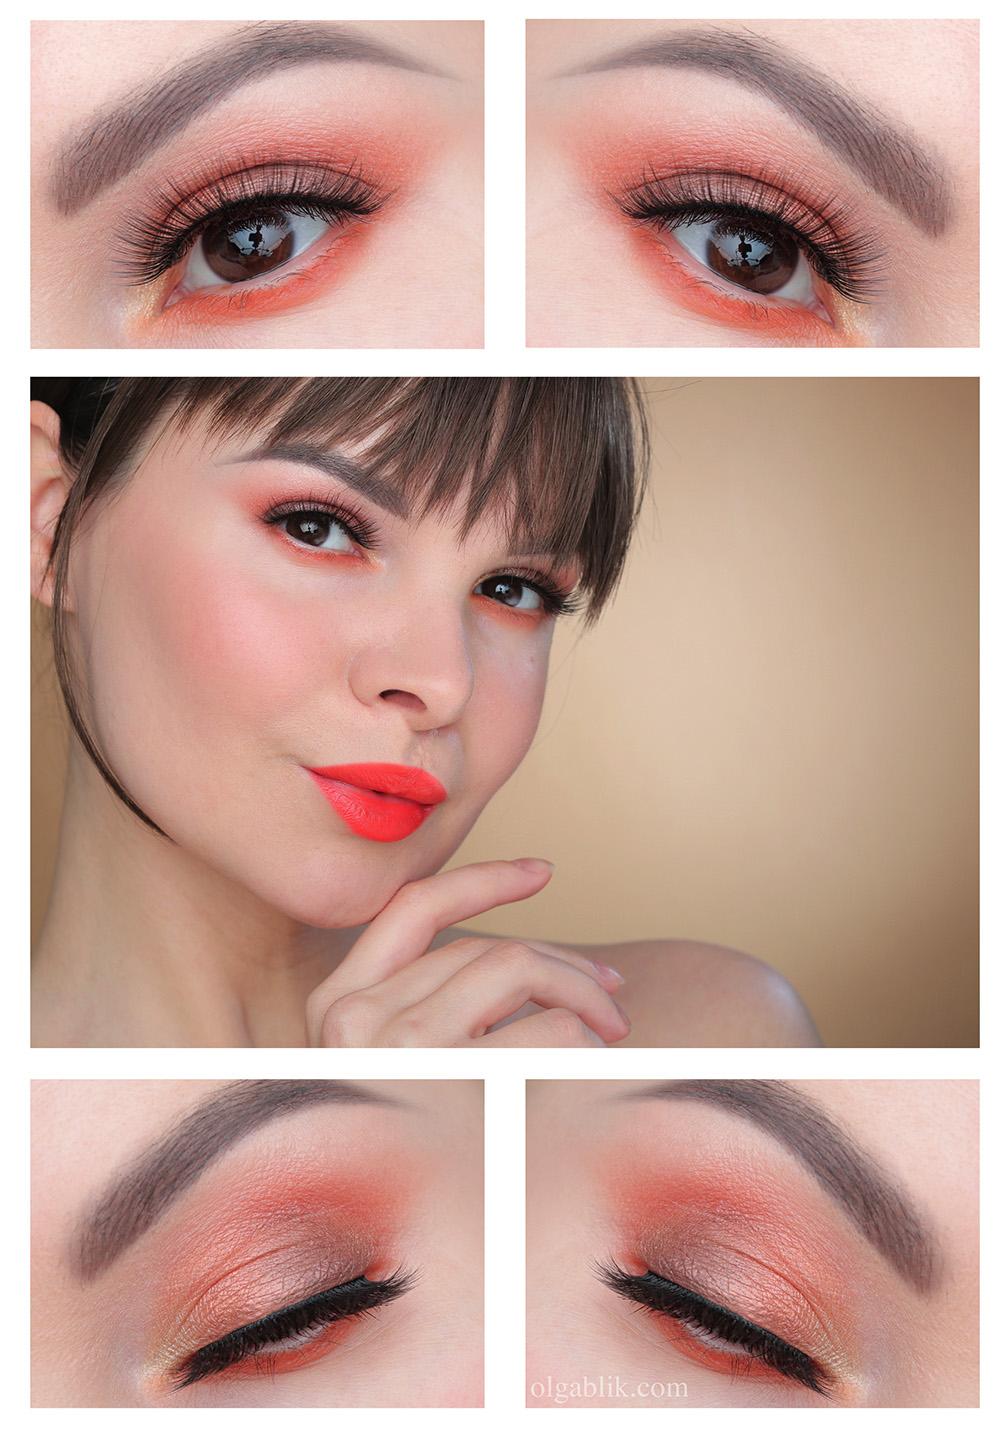 Бюджетный макияж, макияж недорогой косметикой, макияж с бюджетной косметикой